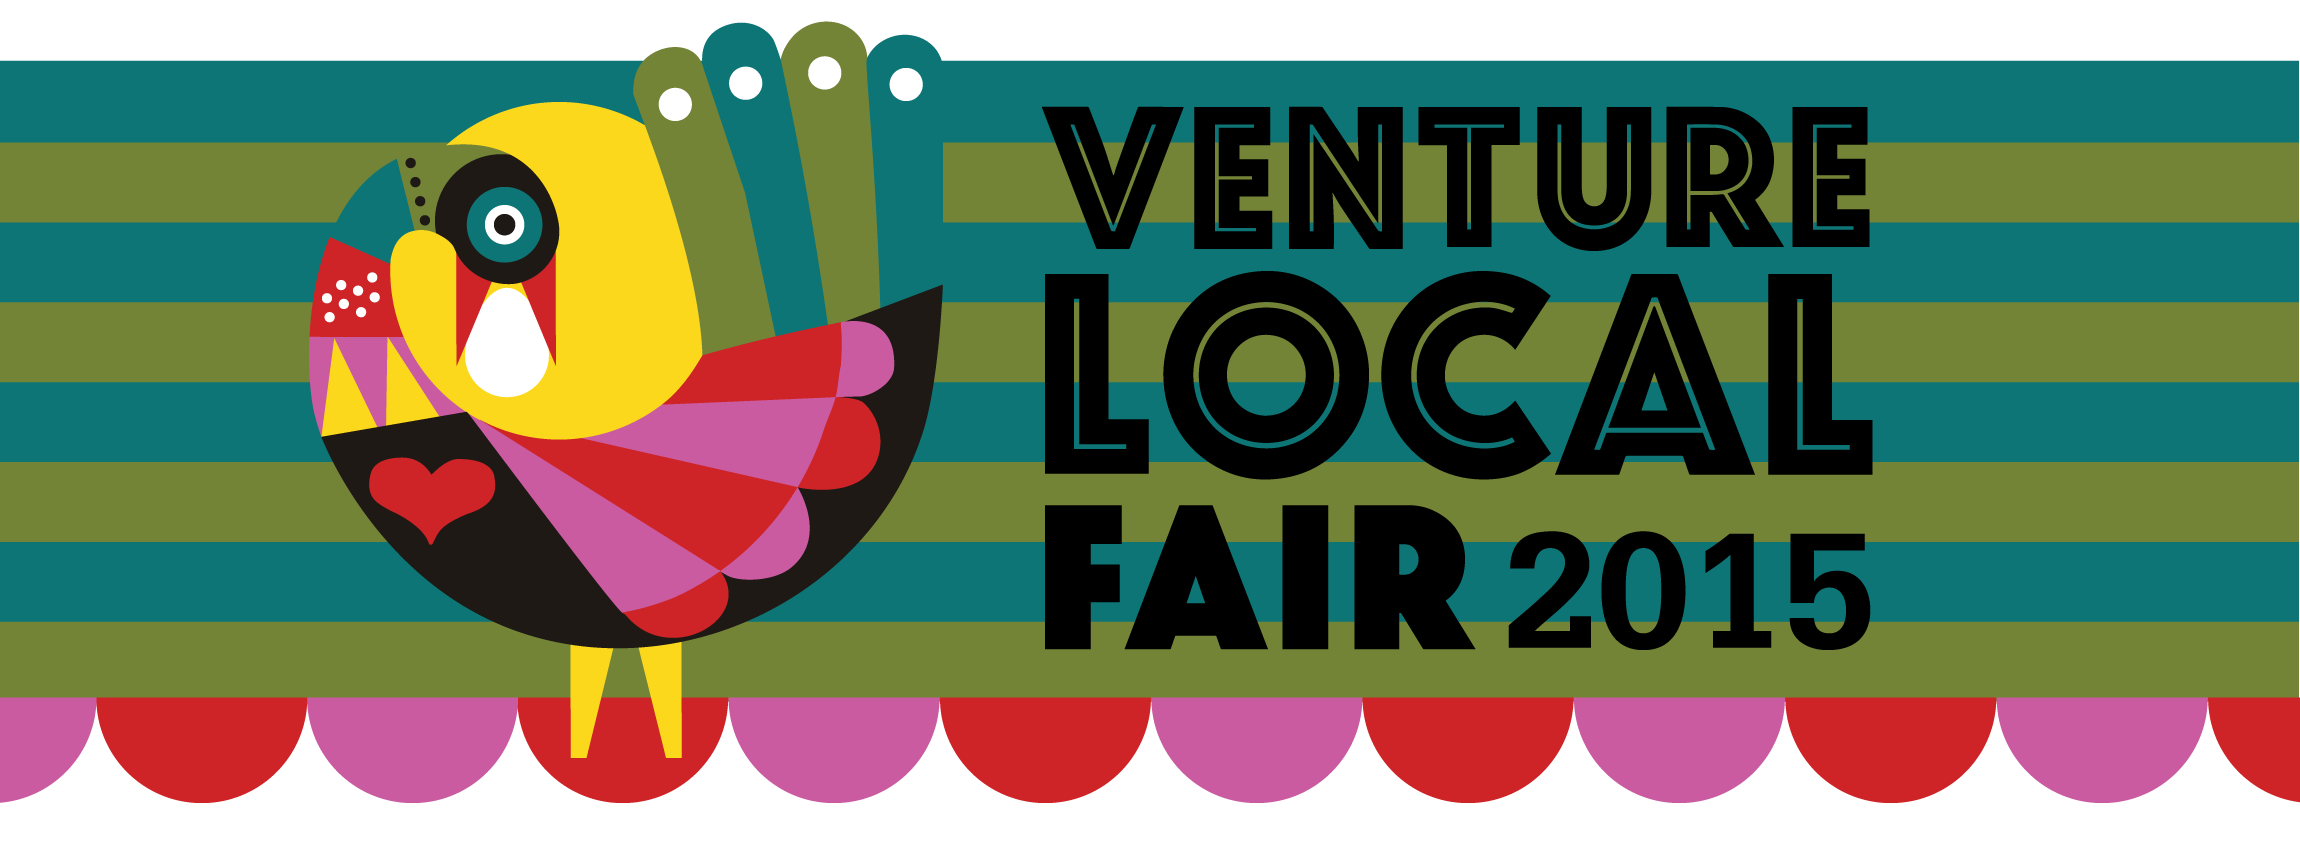 Venture Local Fair.